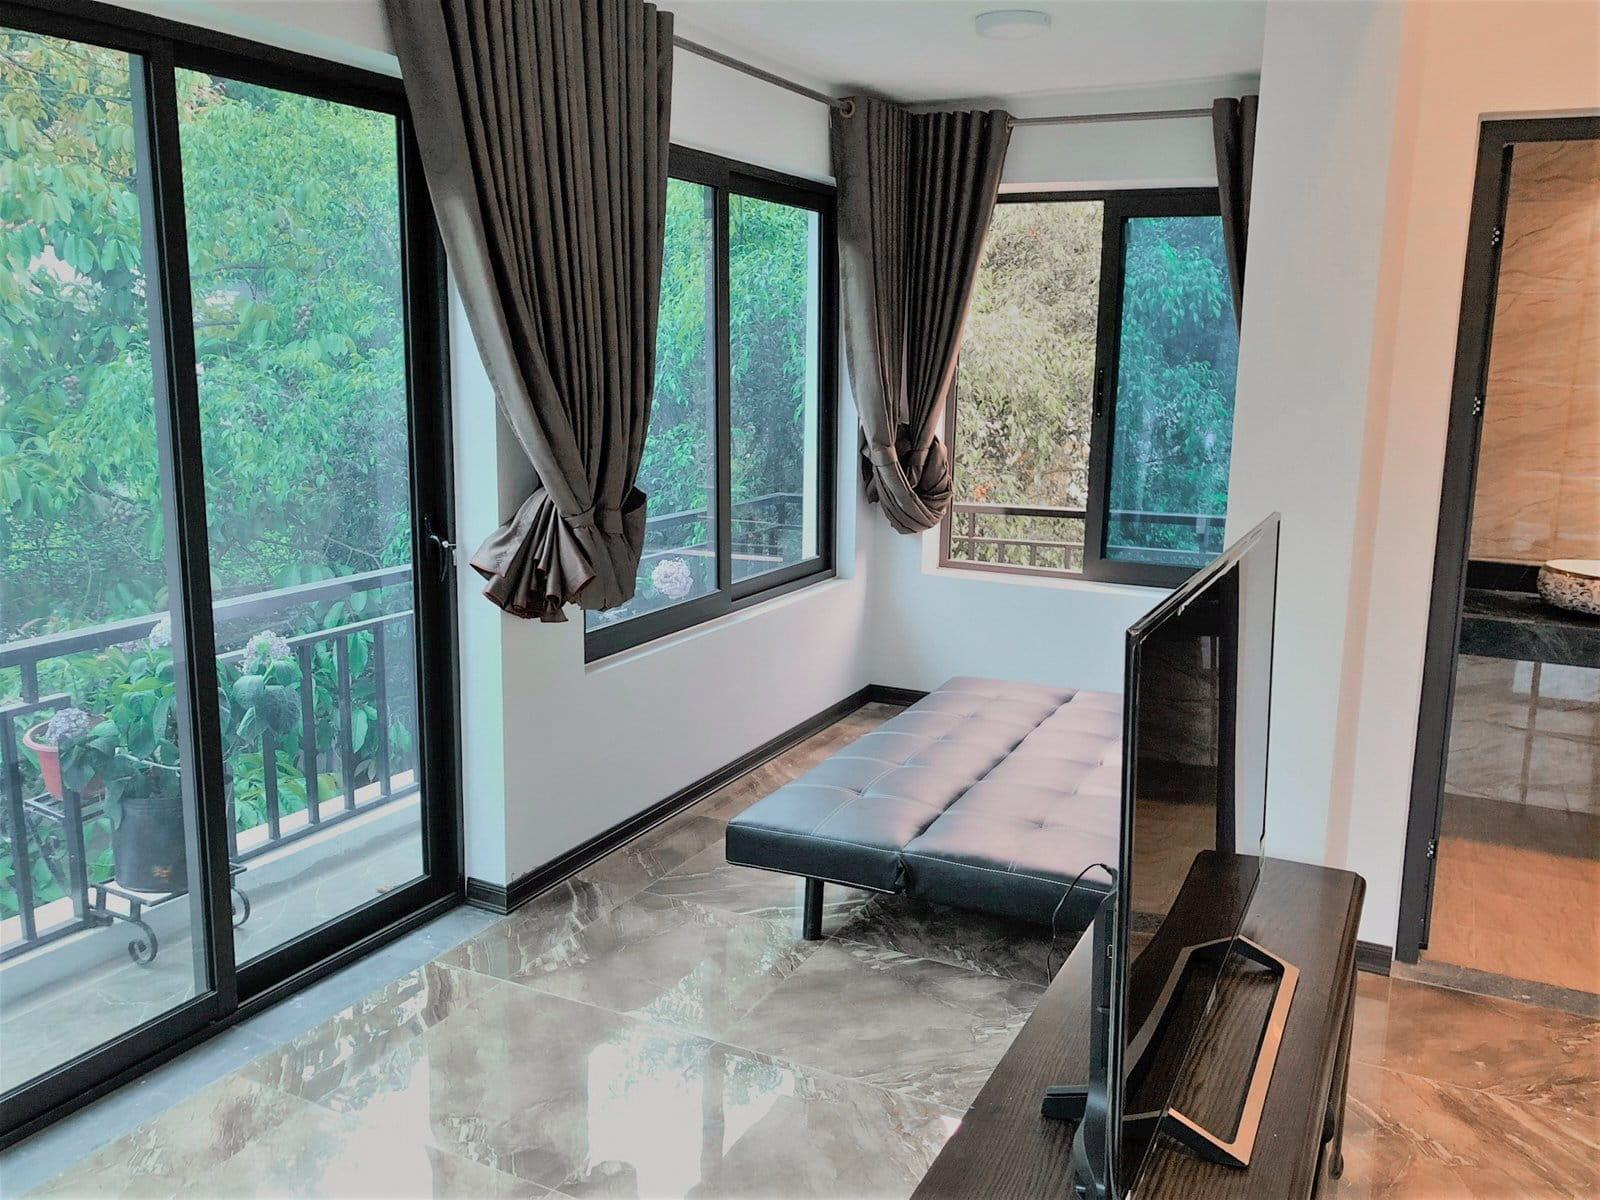 don-he-hoan-hao-tai-khu-resort-giua-rung-thong-xanh-trong-lanh-sat-xit-ha-noi-11